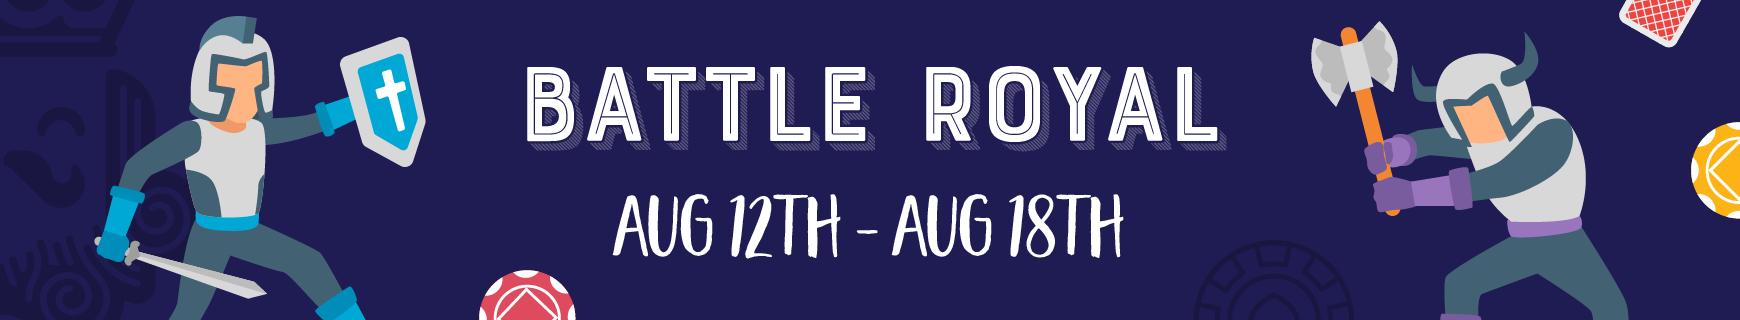 Battle royal %28870 x 160%29 2x